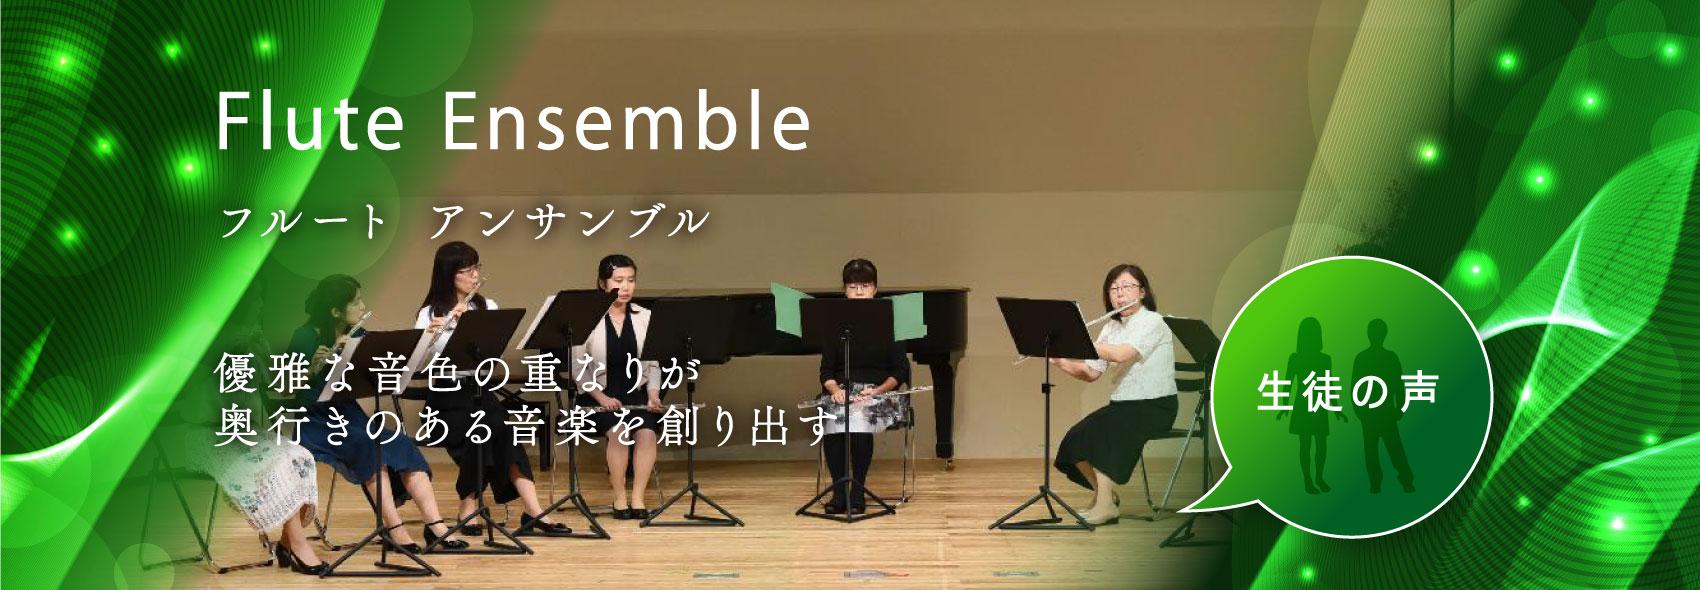 Flute Ensemble 優雅な音色の重なりが 奥行きのある音楽を創出